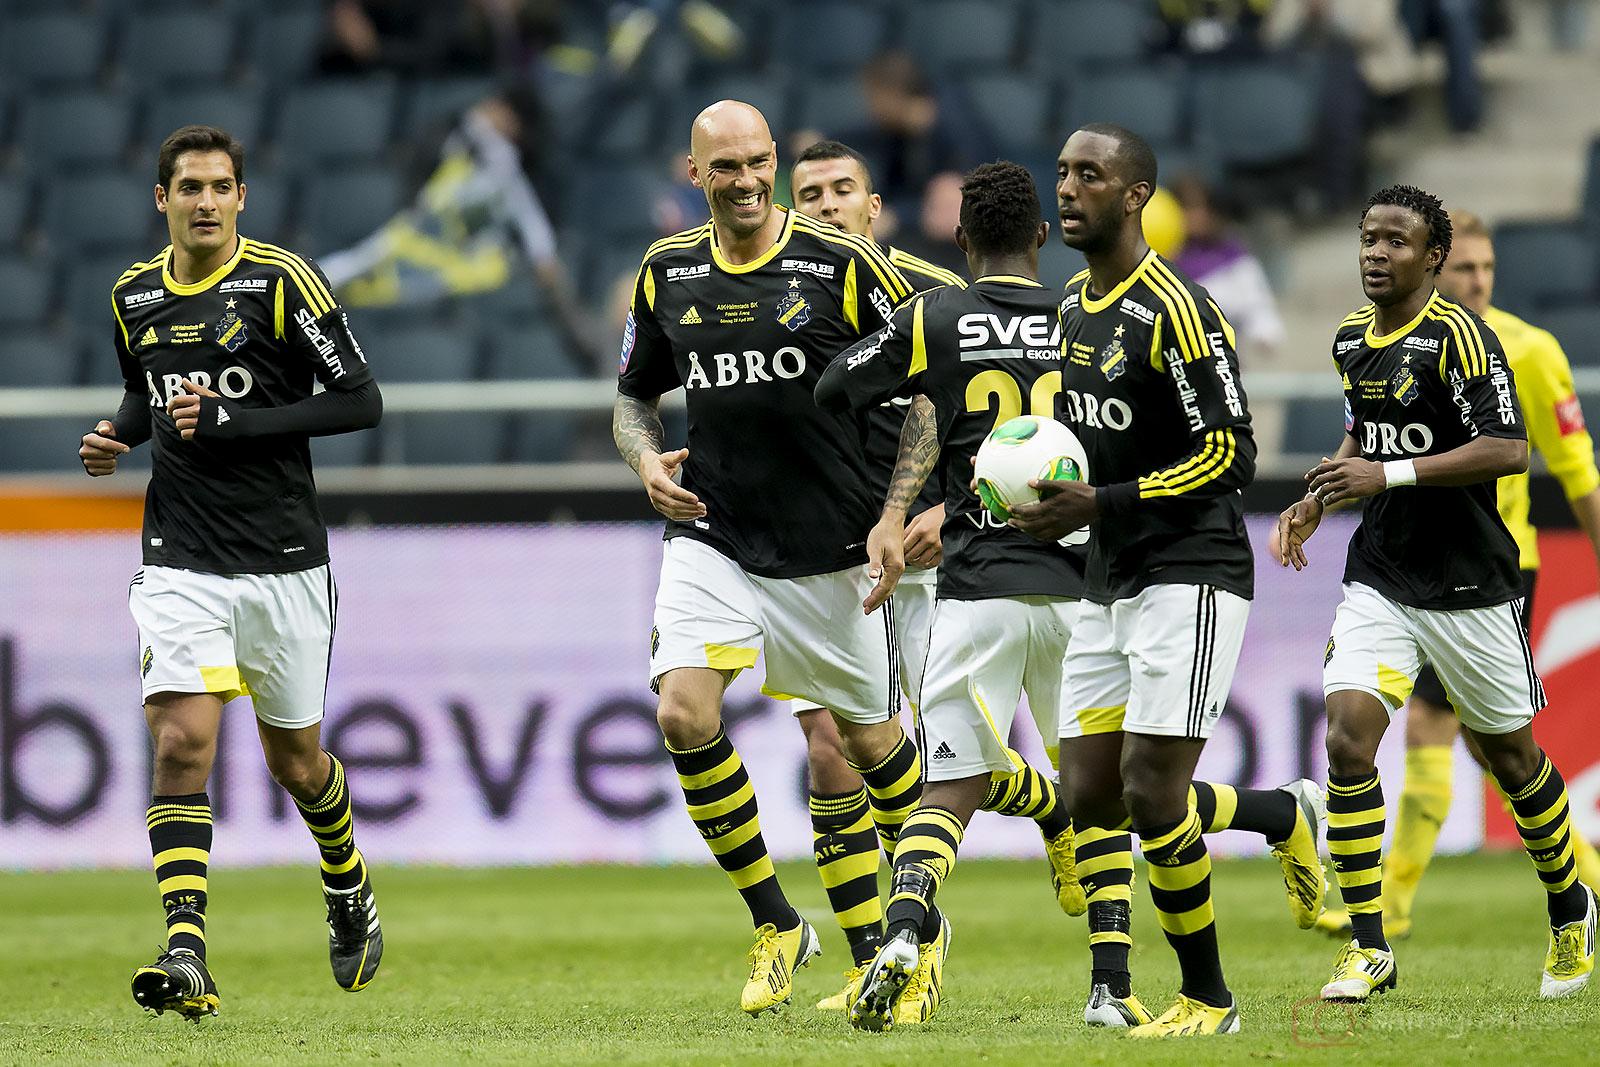 Glädje efter nickmål av AIK Daniel Majstorovic